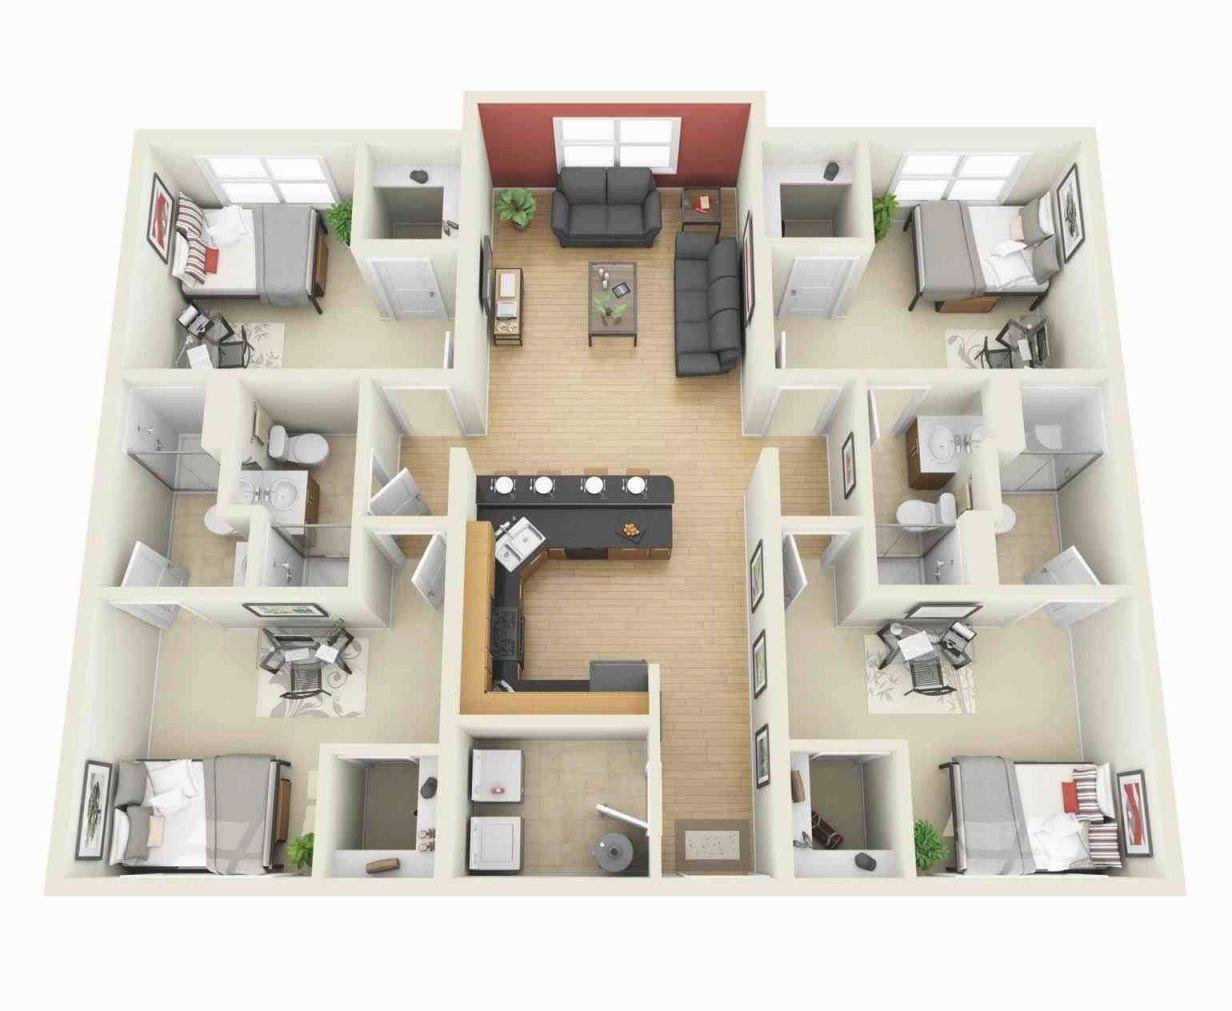 1 Bedroom Apartment Floor Plans 3D – One Bedroom House Plans for One Bedroom Apartment Floor Plans